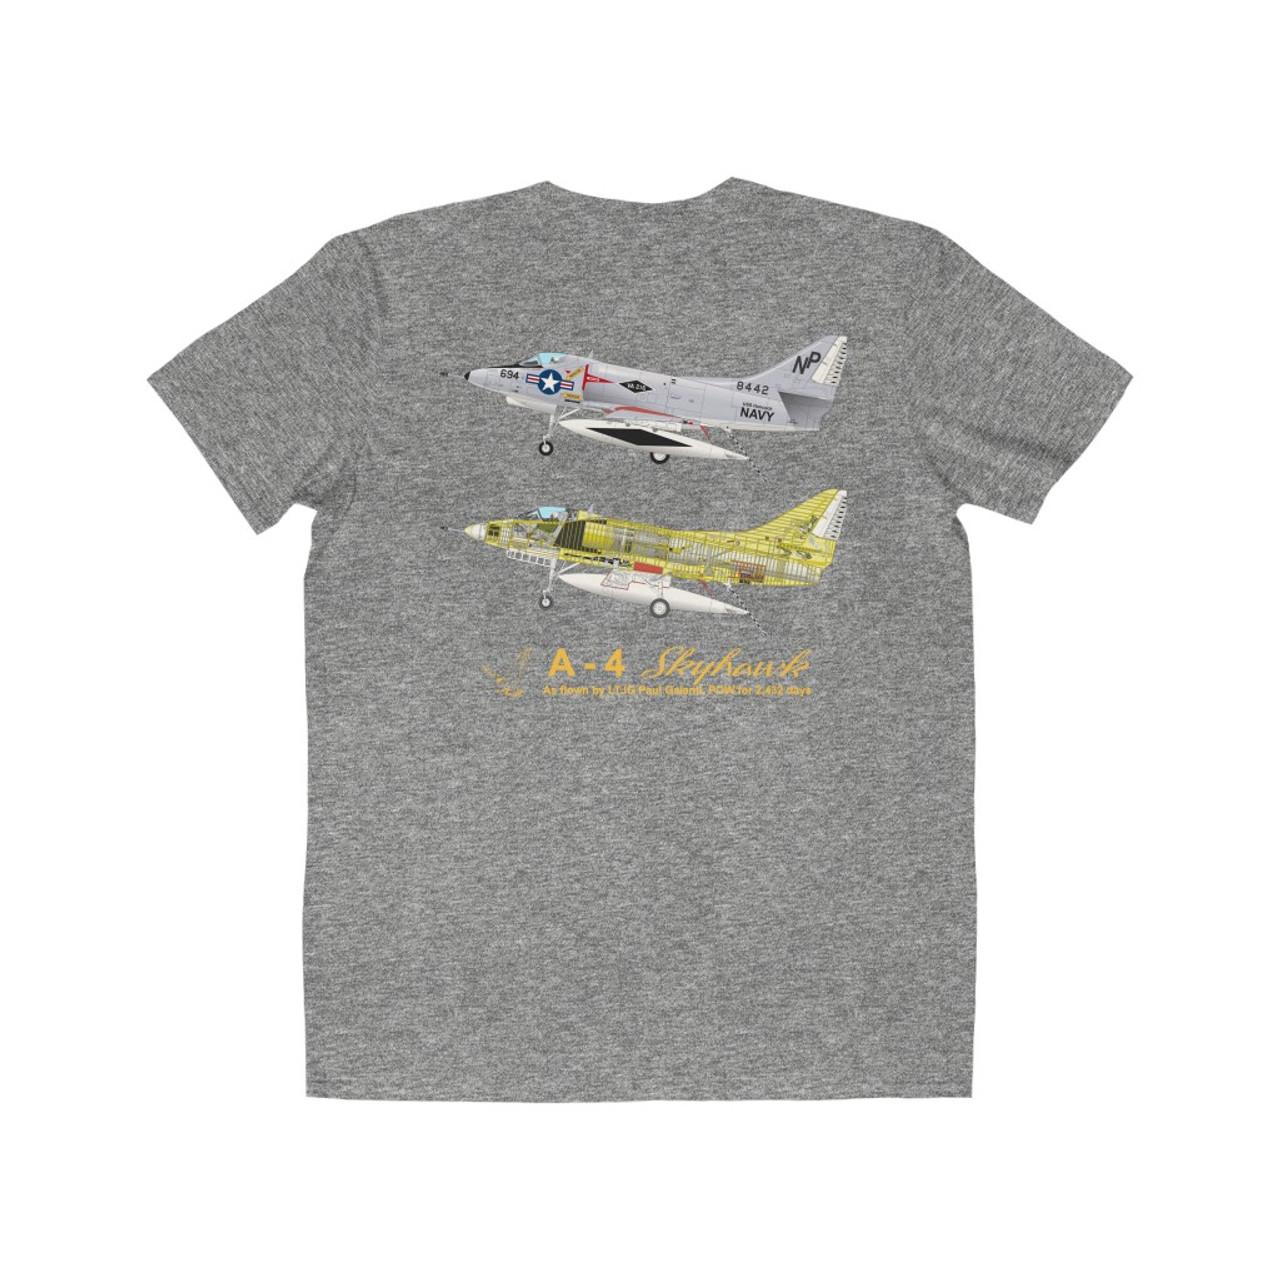 A-4 Skhawk Light T-shirt